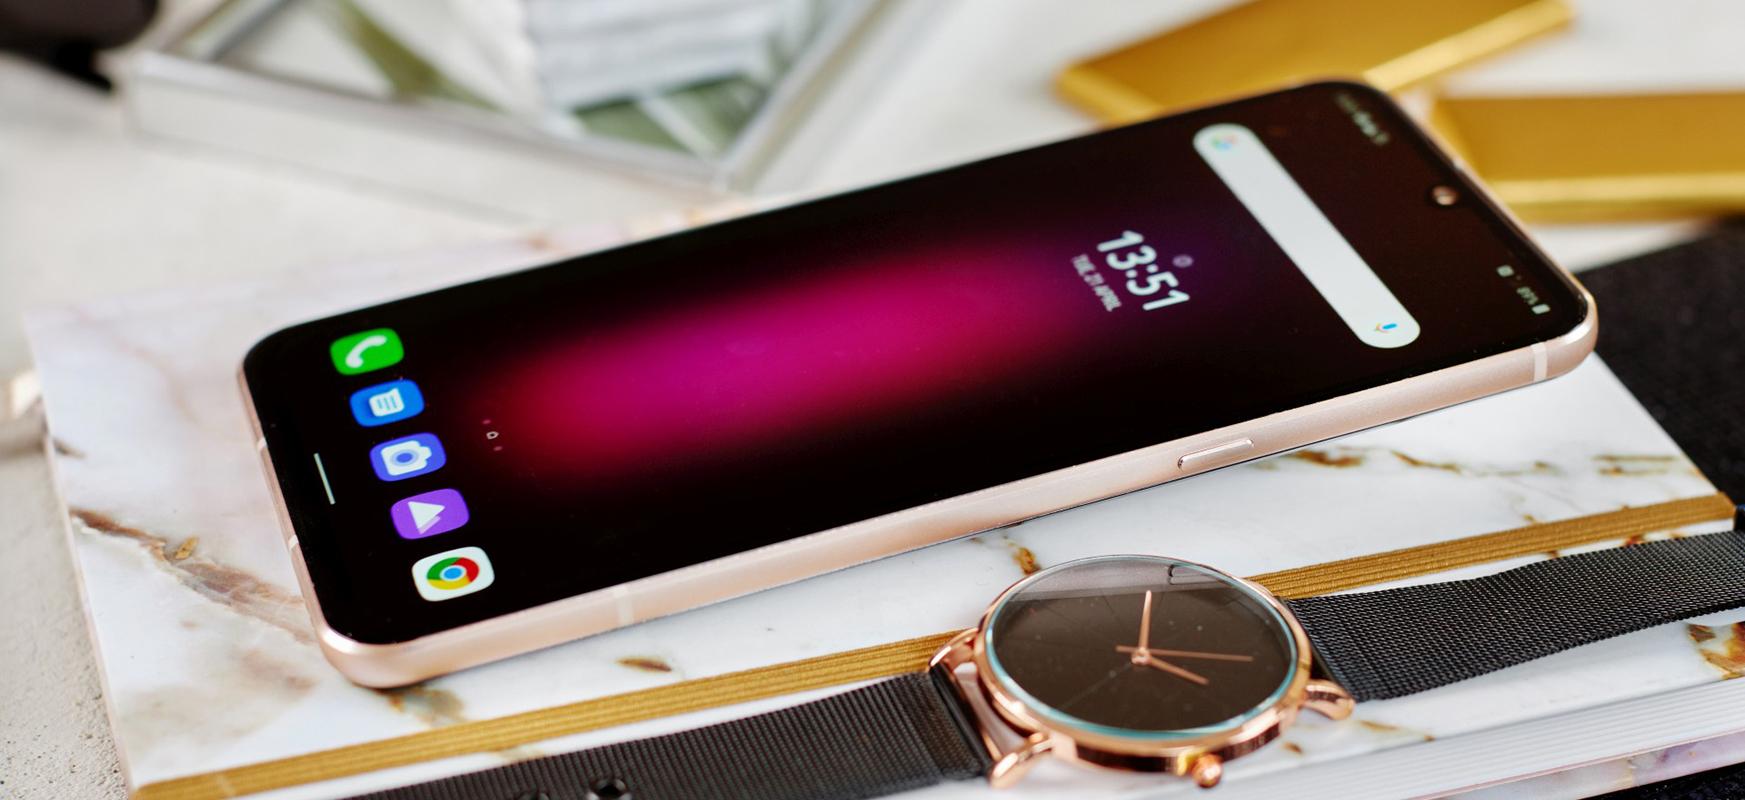 LG V60 ThinQ 5G Polonian.  LG K serieko modelo berri eta merkeak ere badaude